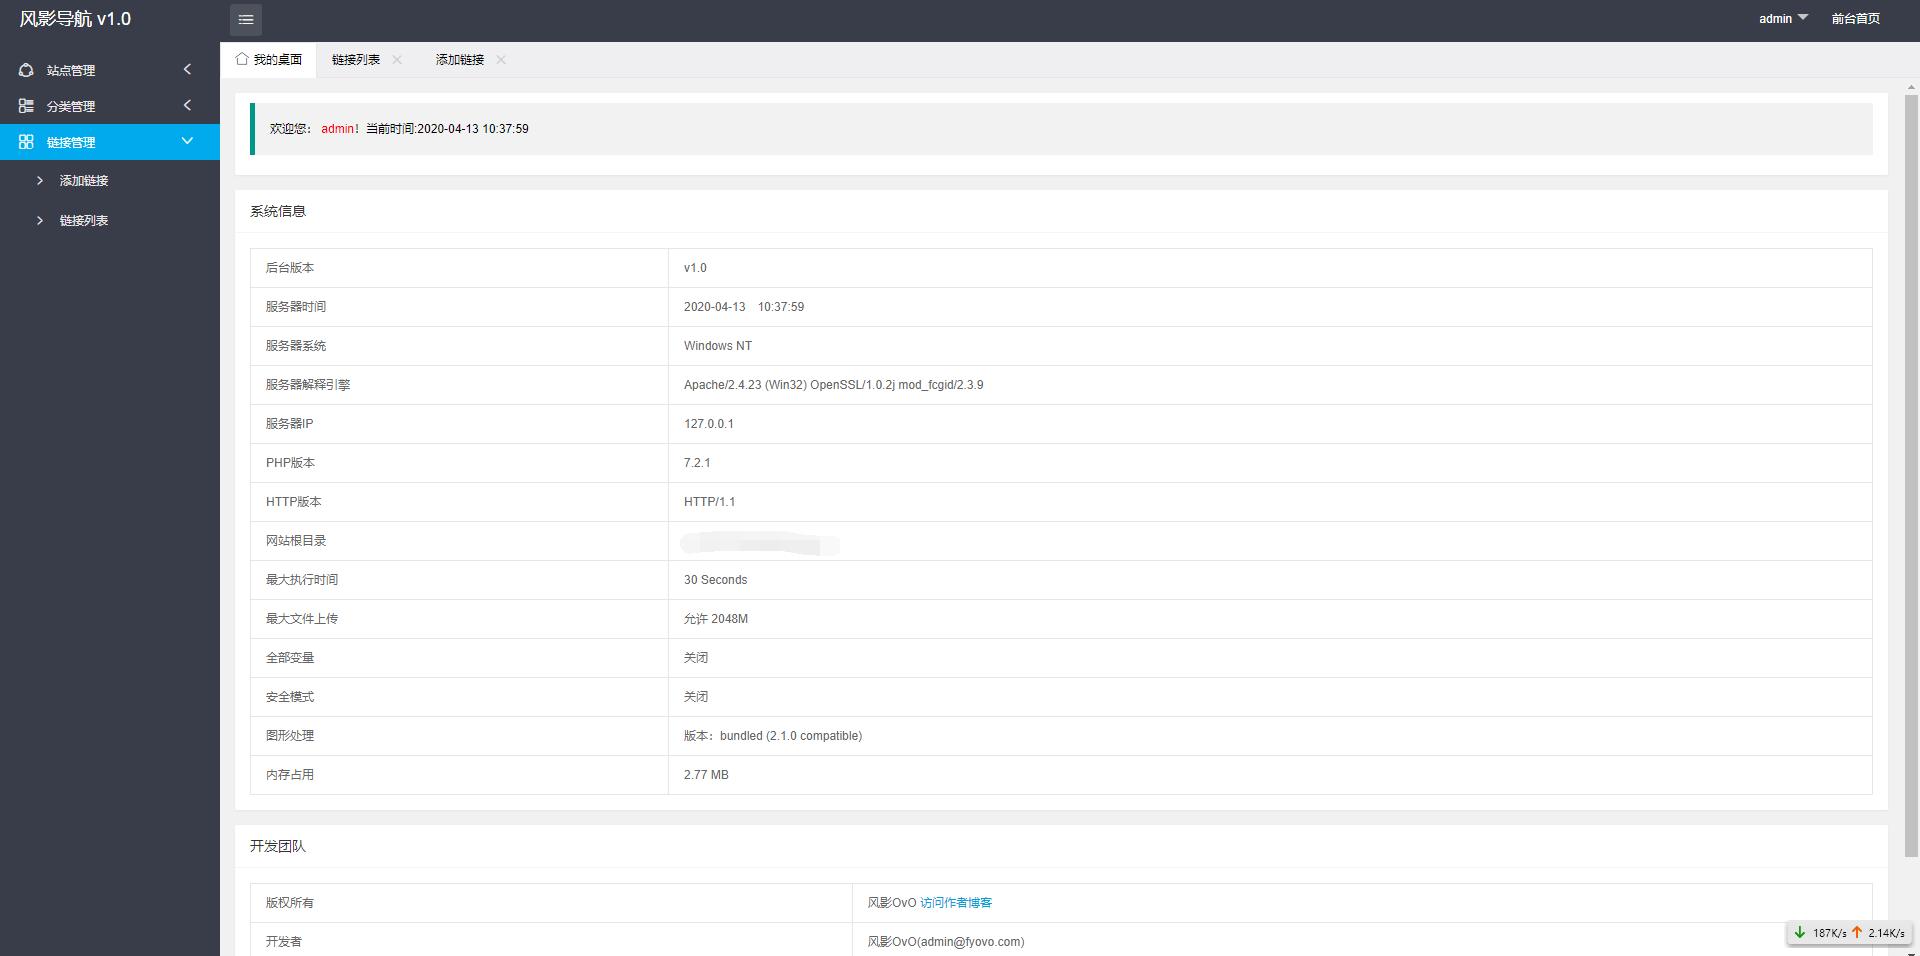 风影导航v1.0源码 后台ThinkPHP5集成下载,源码,网站源码,第3张